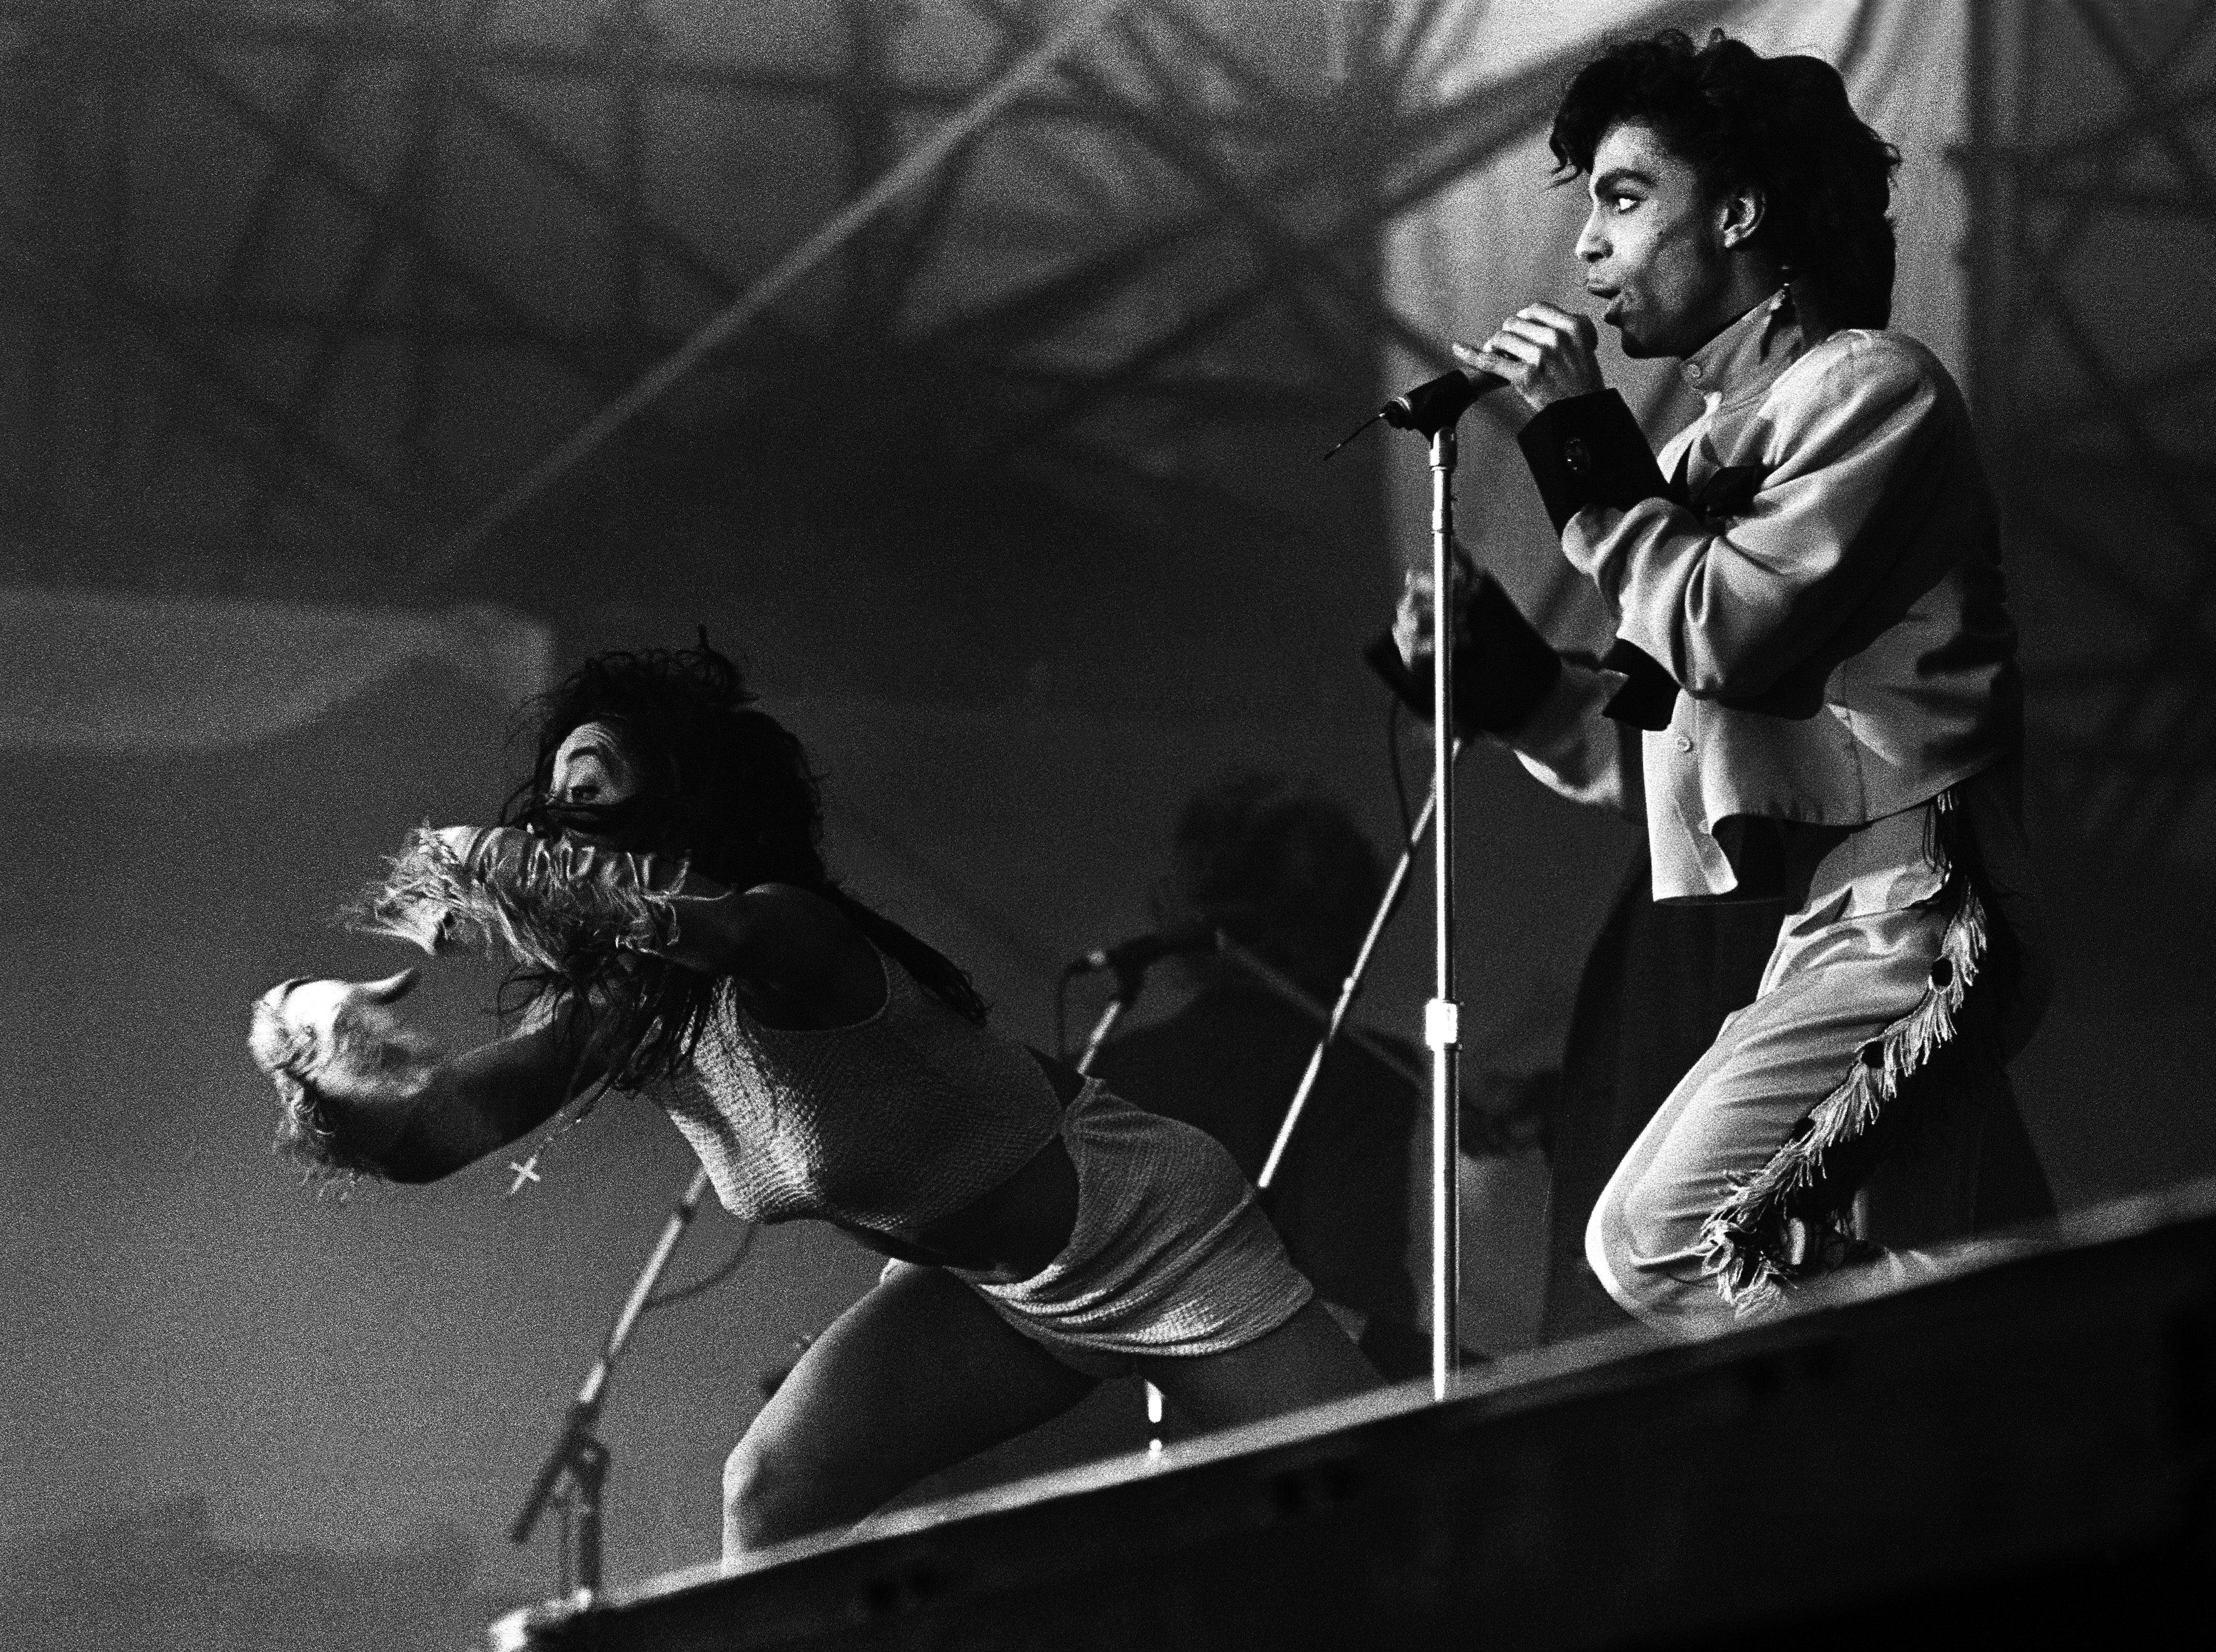 'Sign o' the Times' was het beste van Prince, maar zo'n heruitgave is ook 'ergerlijke zakkenklopperij'